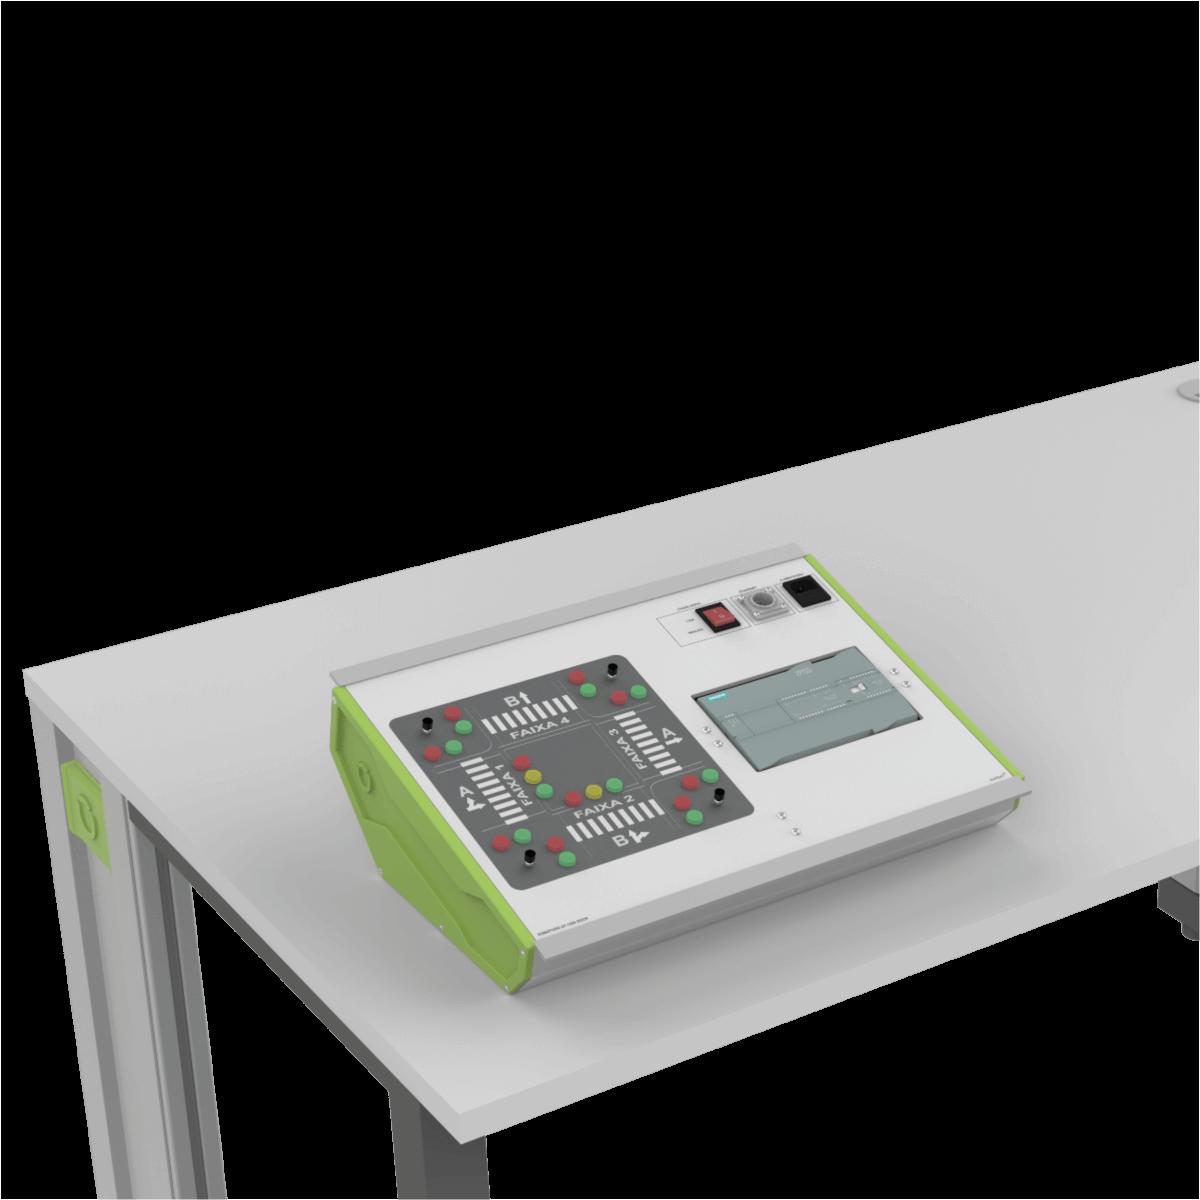 lab-automacao-bancada-didatica-controle-de-semaforo-auttom-11